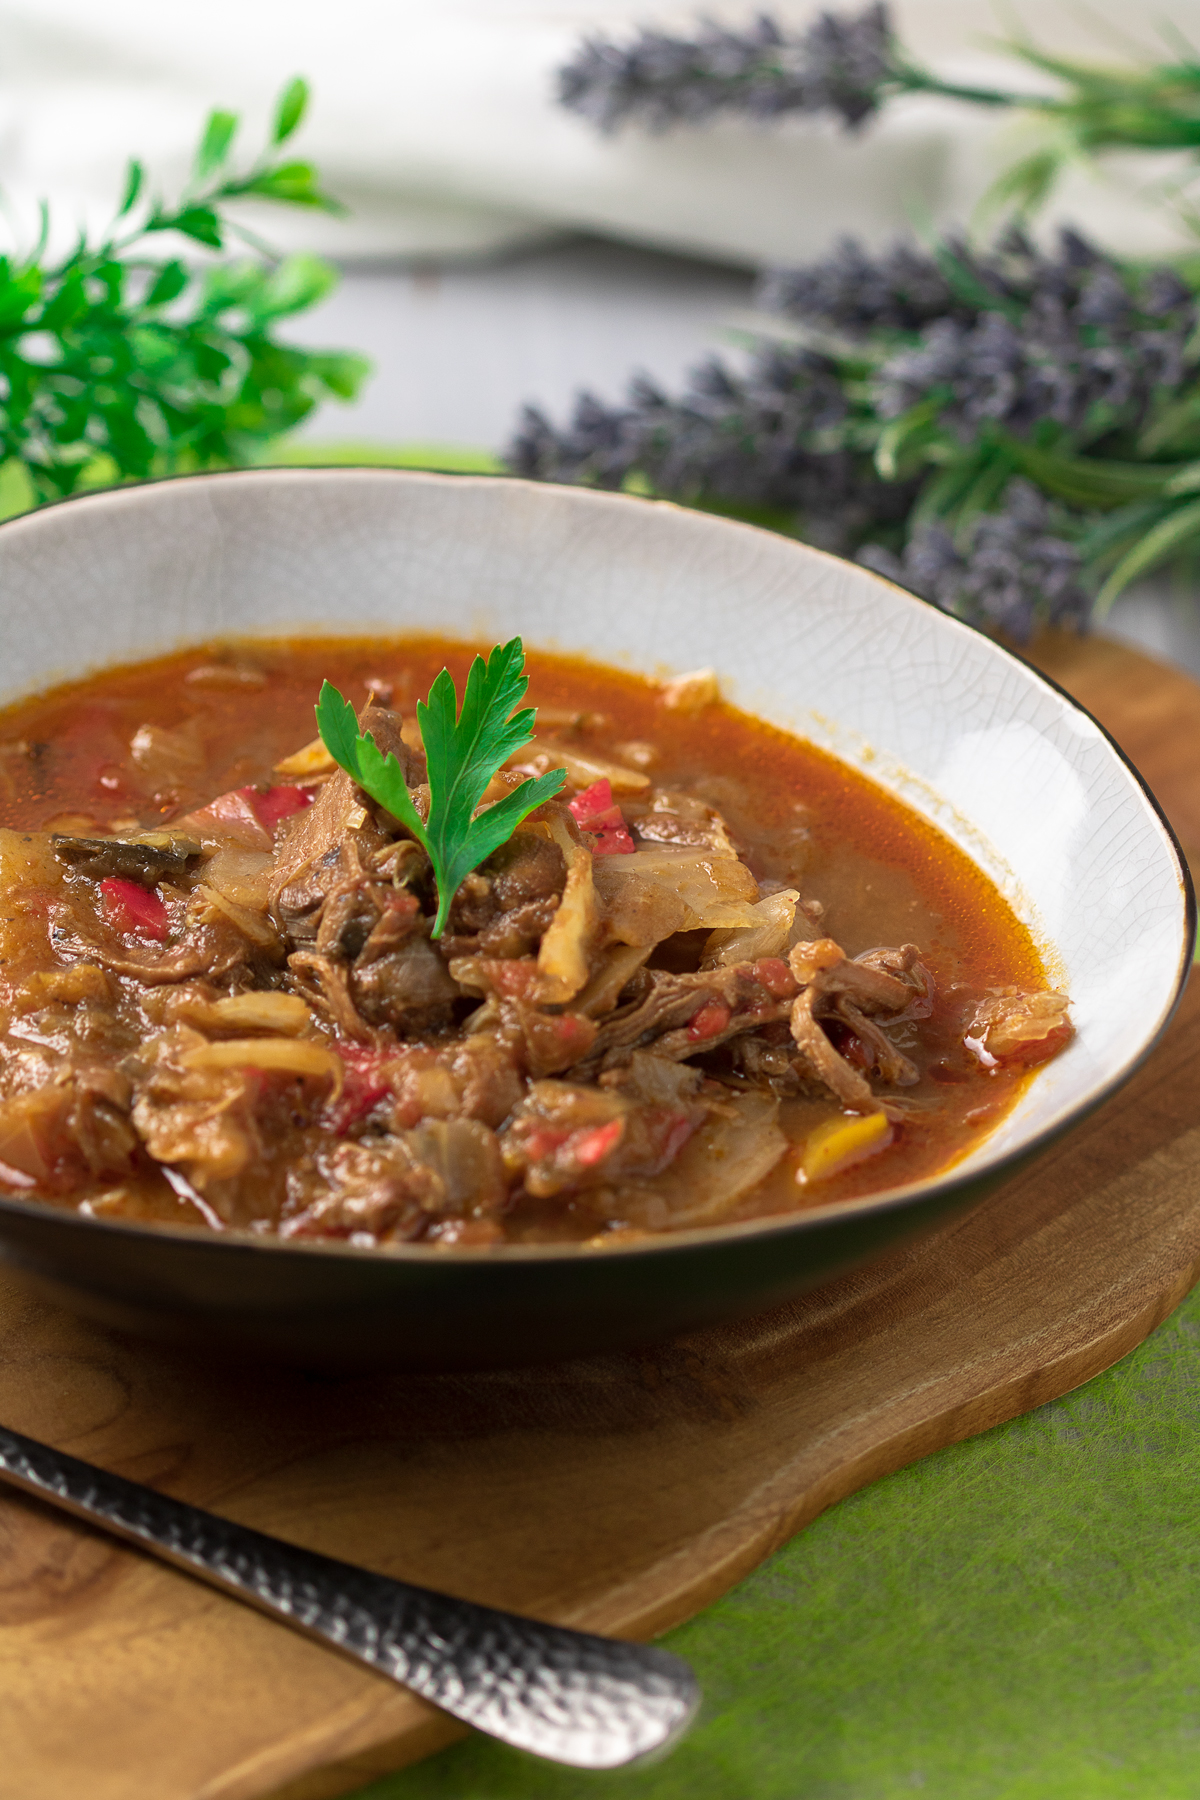 Der Lammeintopf usbekischer Art ist ein leckerer Low Carb Eintopf mit Lammfleisch, Weißkohl und Tomate.